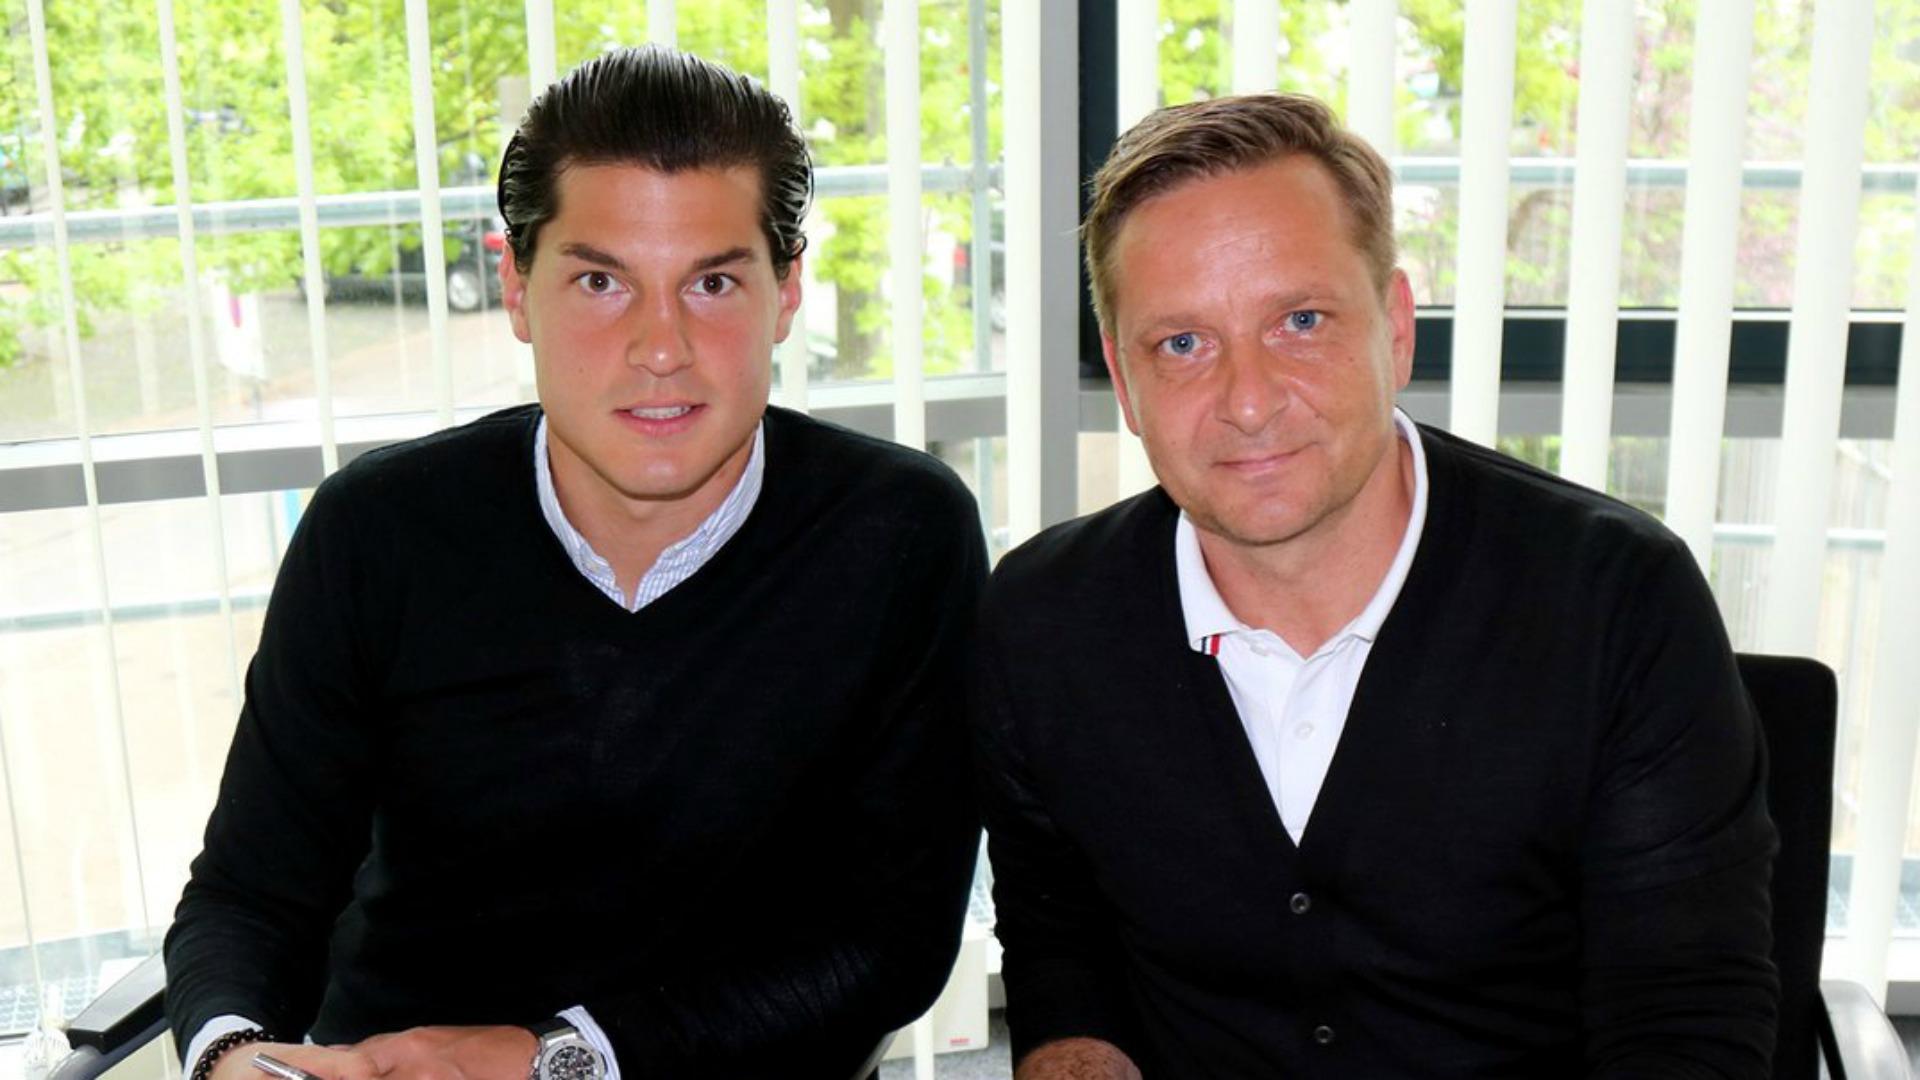 Miiko Albornoz renovó contrato con Hannover tras ascenso a Bundesliga